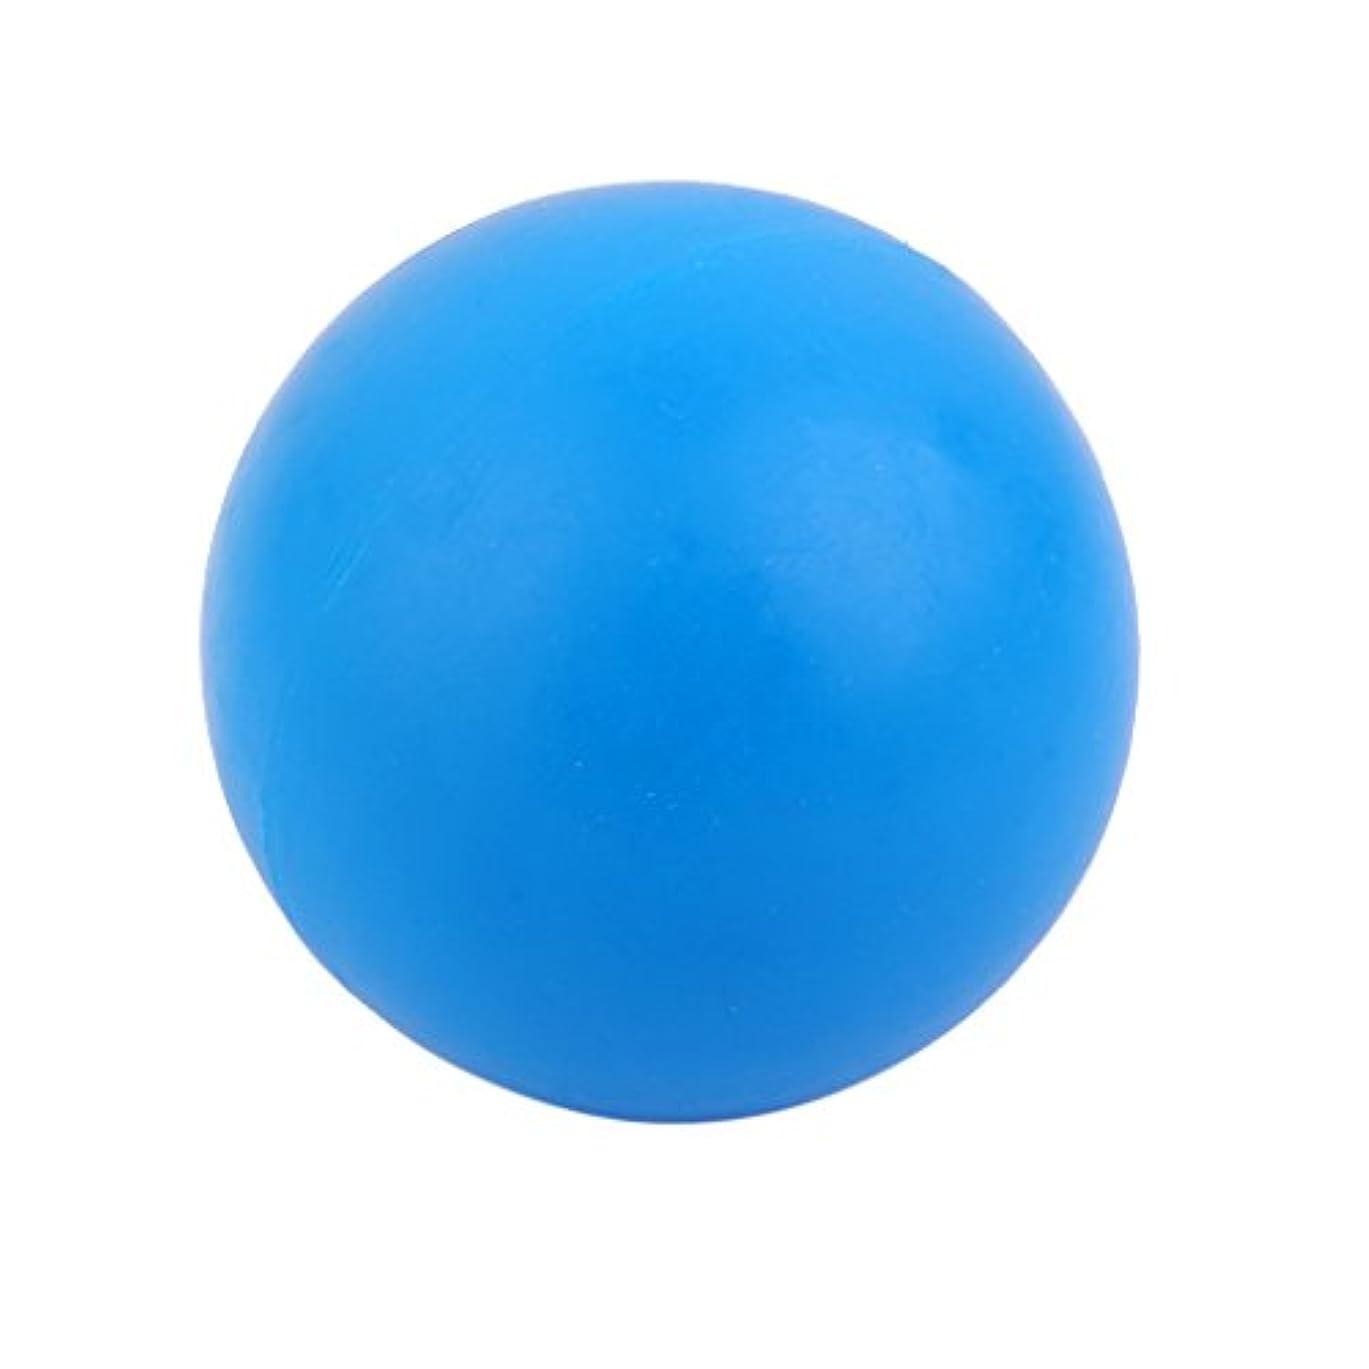 しゃがむミキサー厳密にマッサージボール 反応ボール トレーニングボール